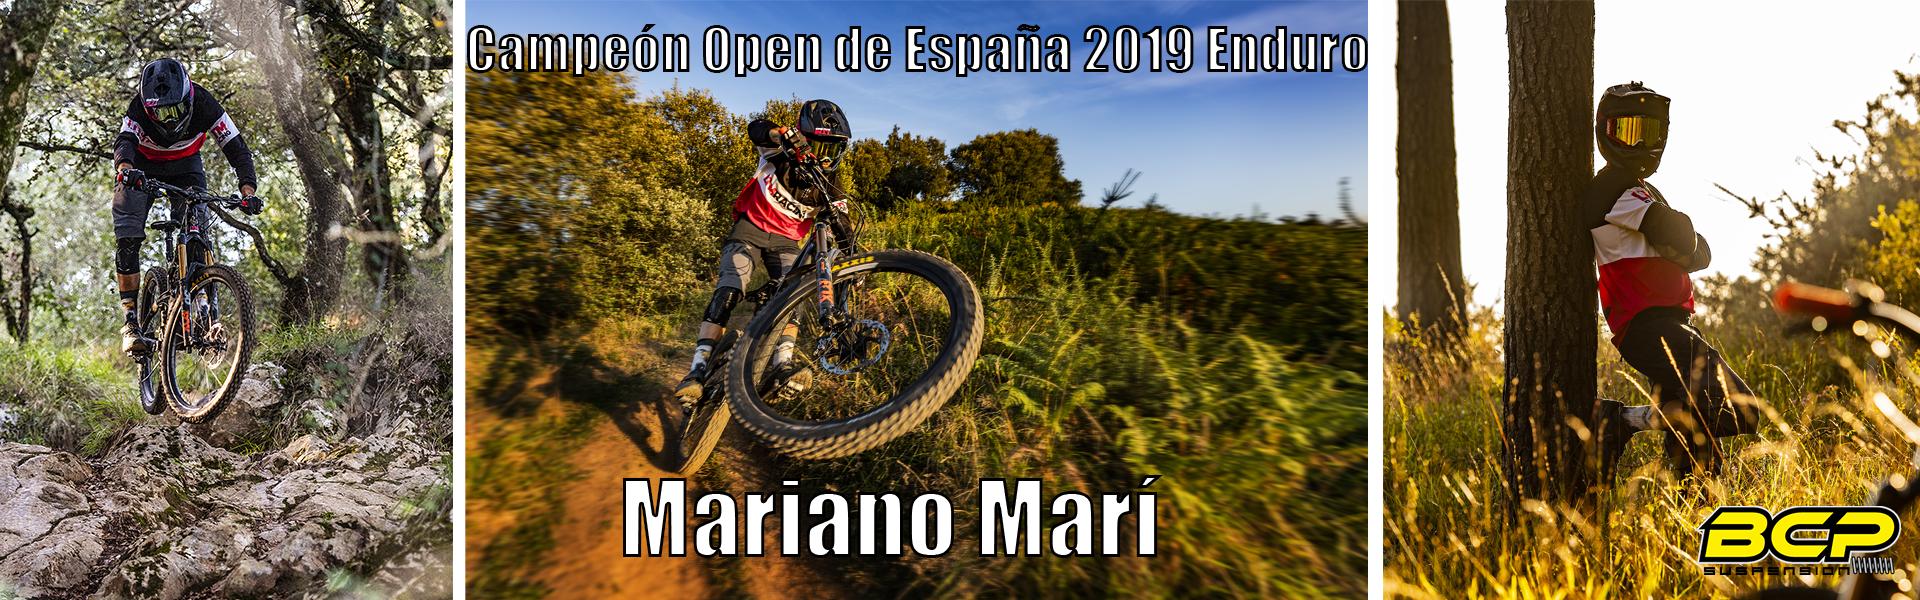 Mariano Marí Campeon de España 2019